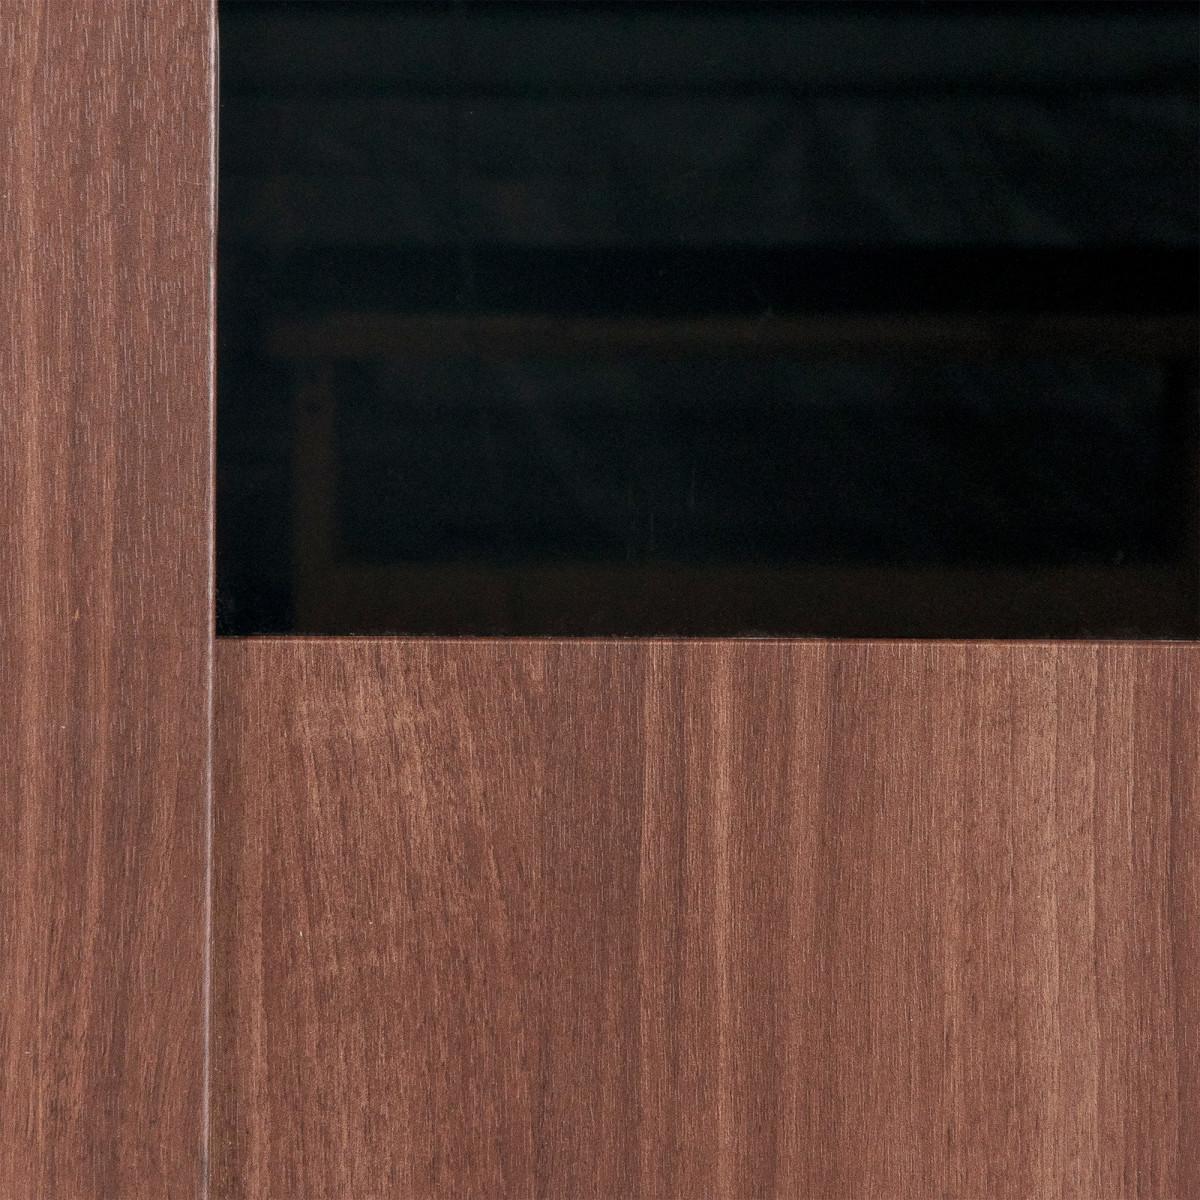 Дверь Межкомнатная Остеклённая Artens Велдон 70x200 Цвет Мокко Без Фурнитуры